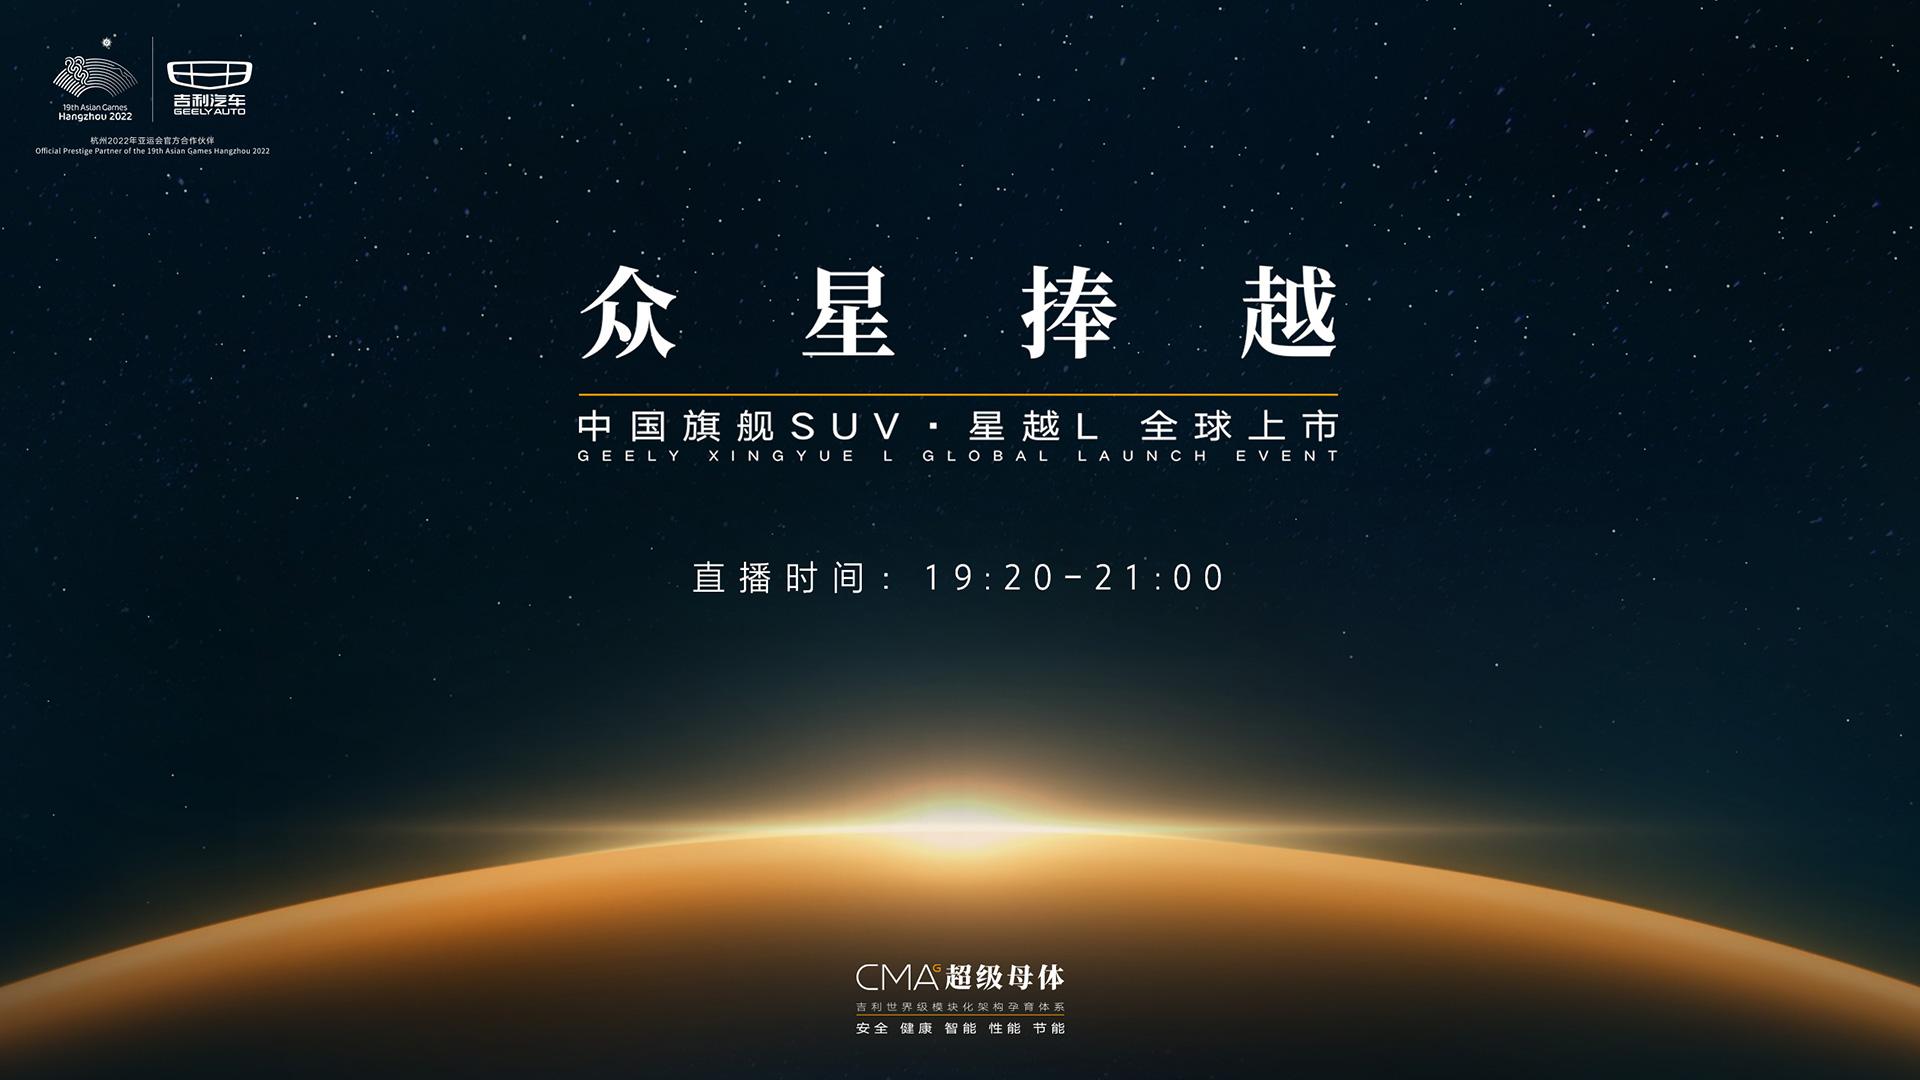 众星捧越—中国旗舰SUV星越L全球上市